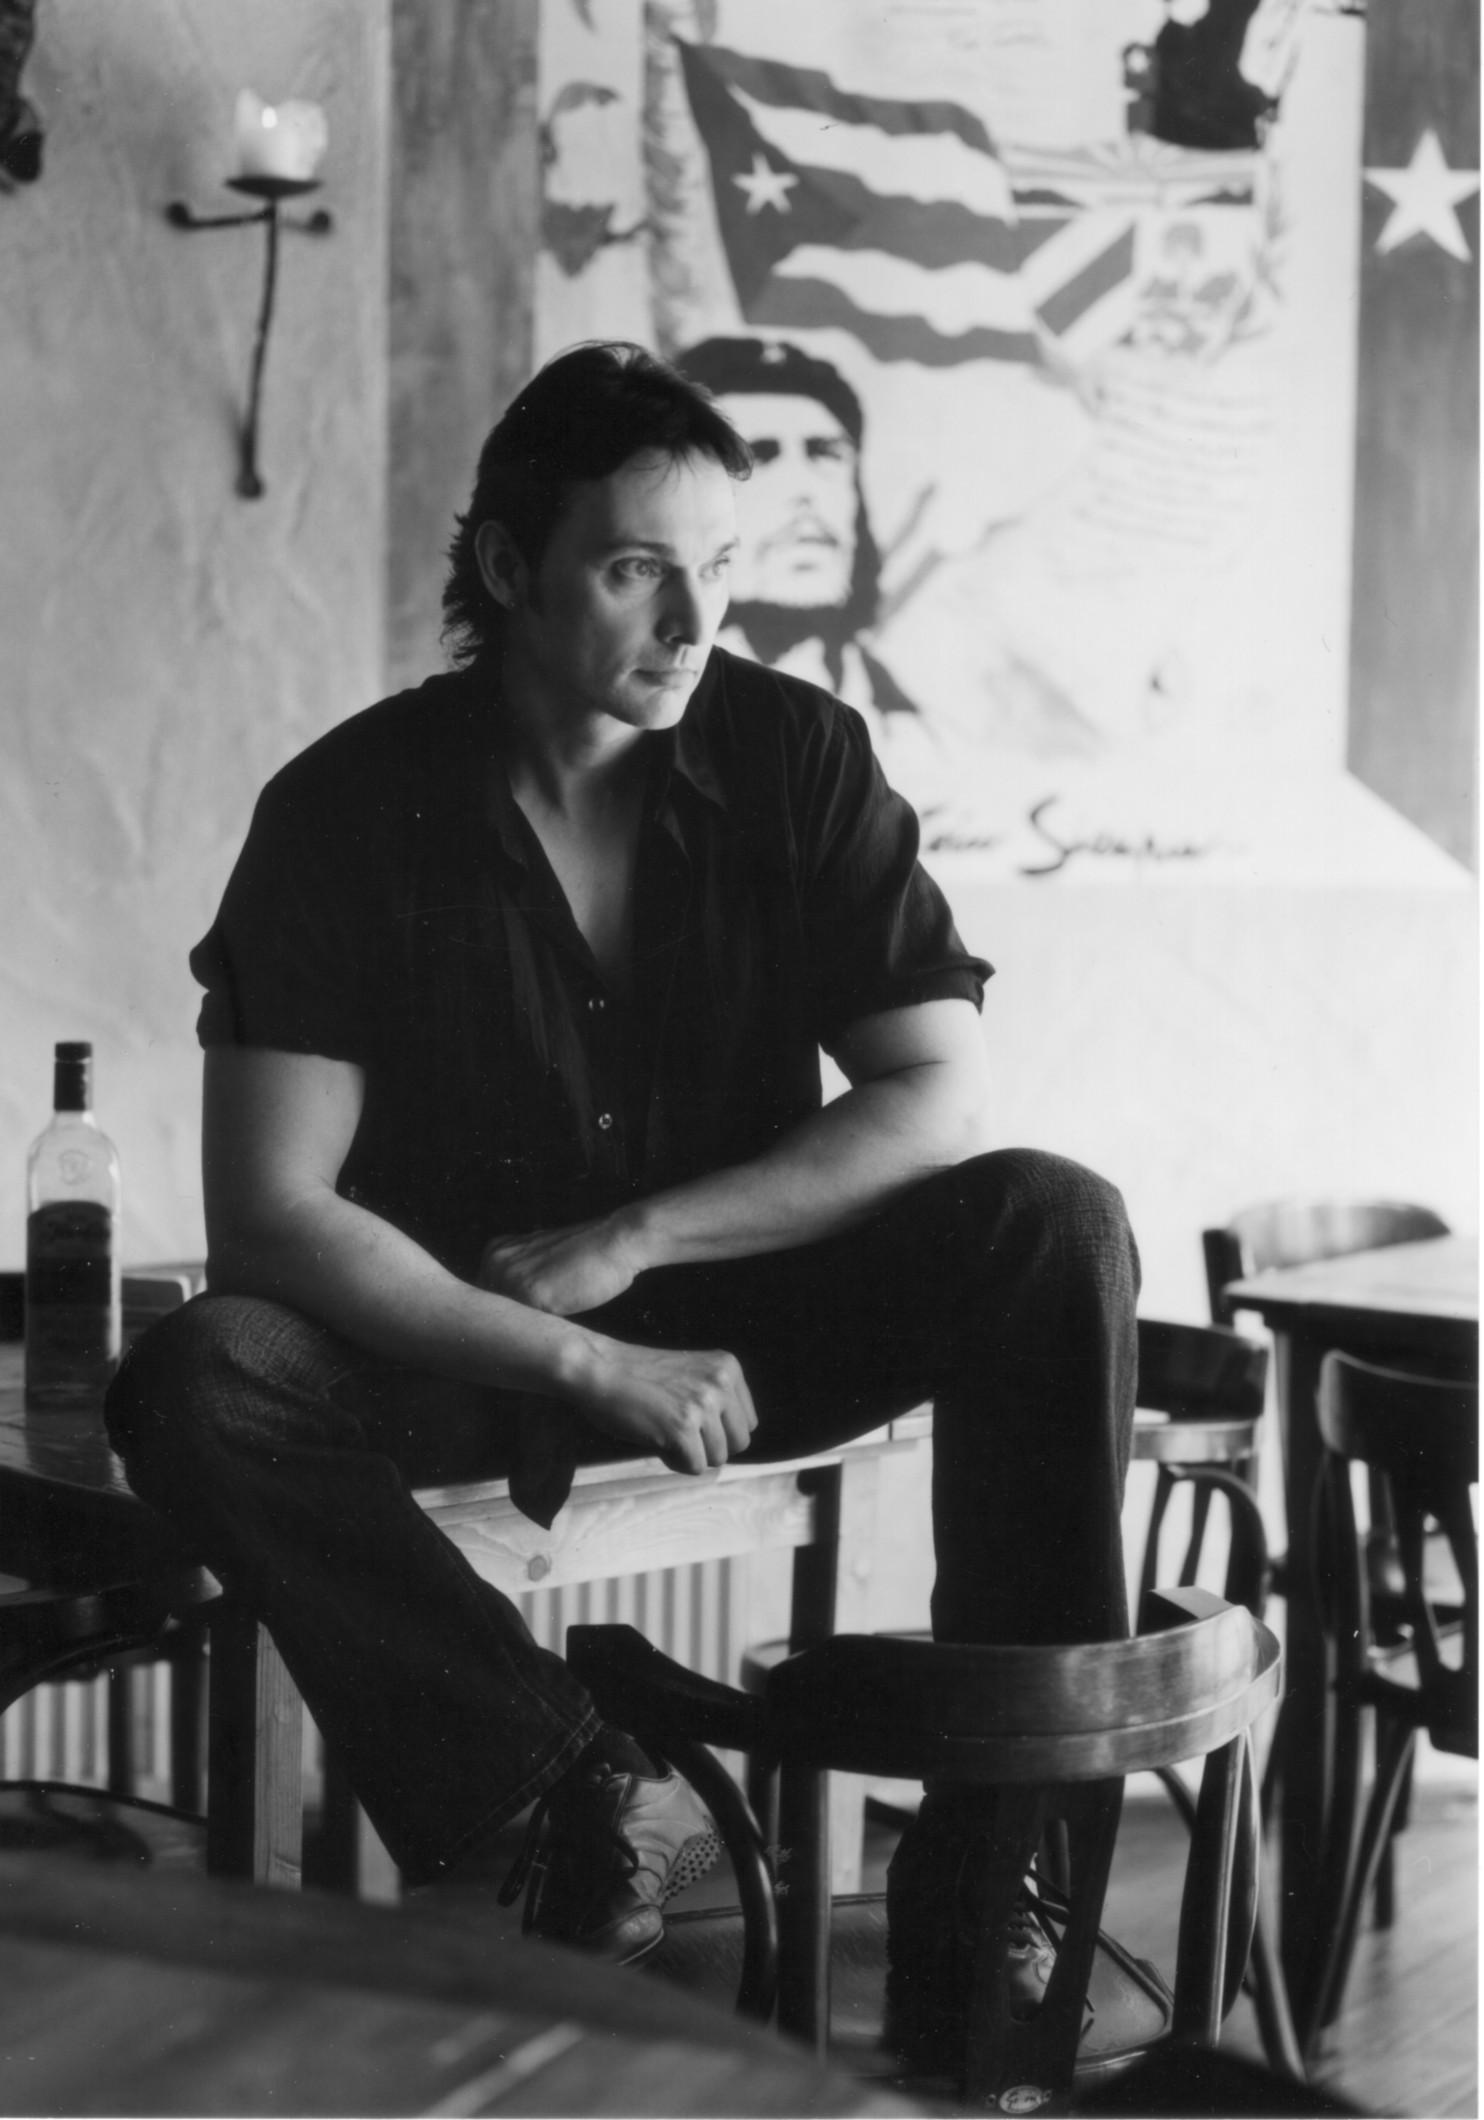 Künstler Bernd Bernard